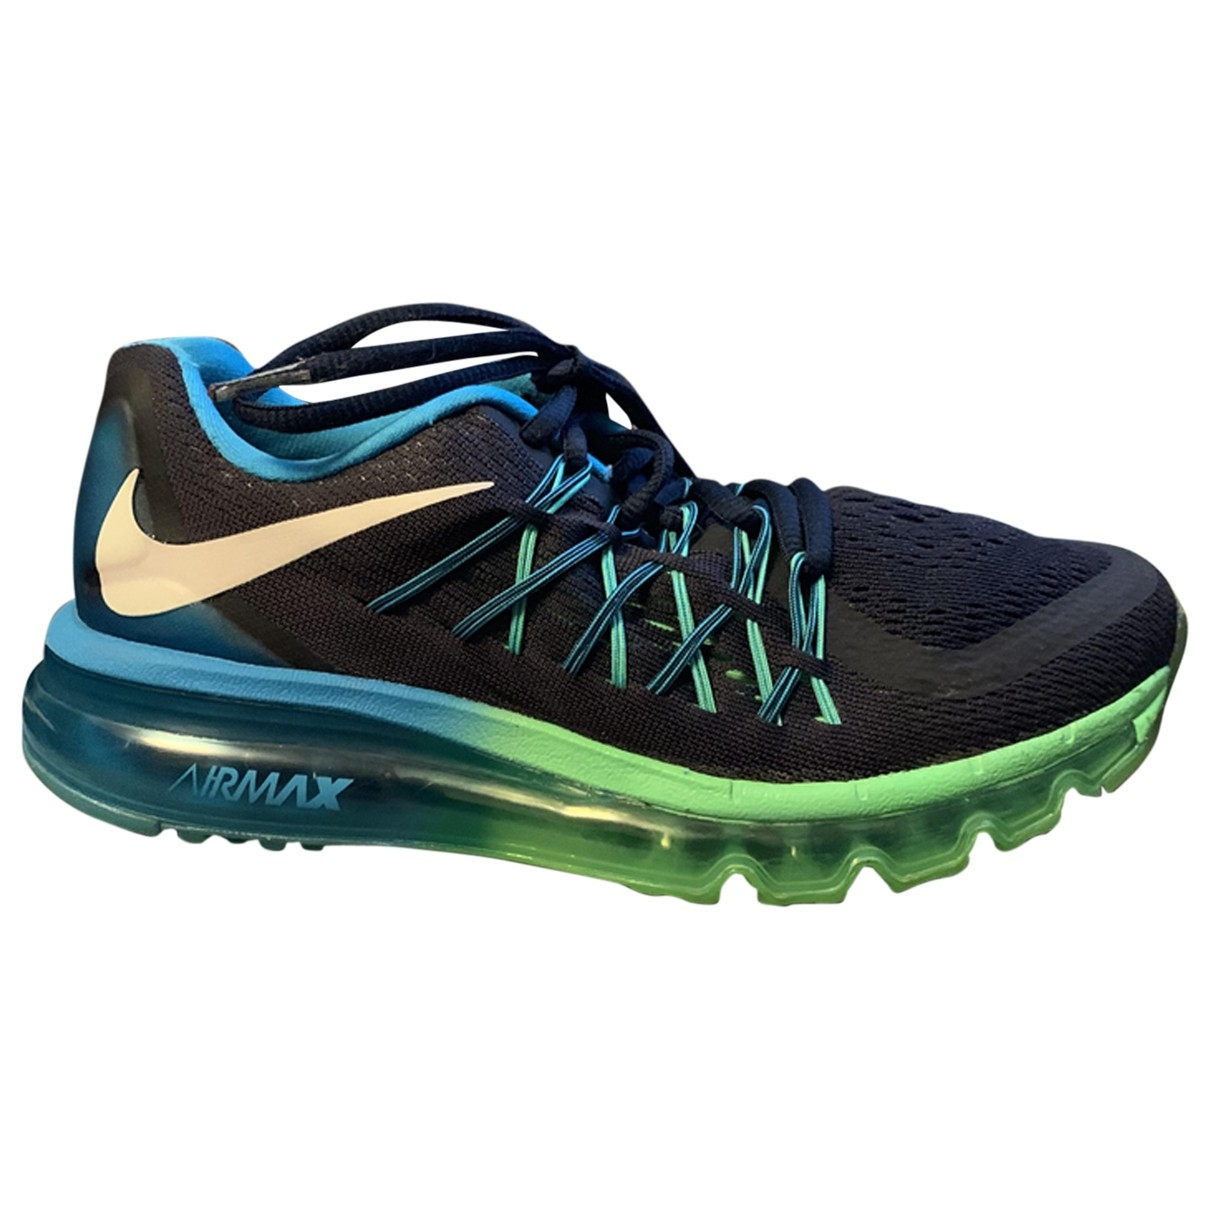 Nike - Baskets Air Max  pour femme - marine